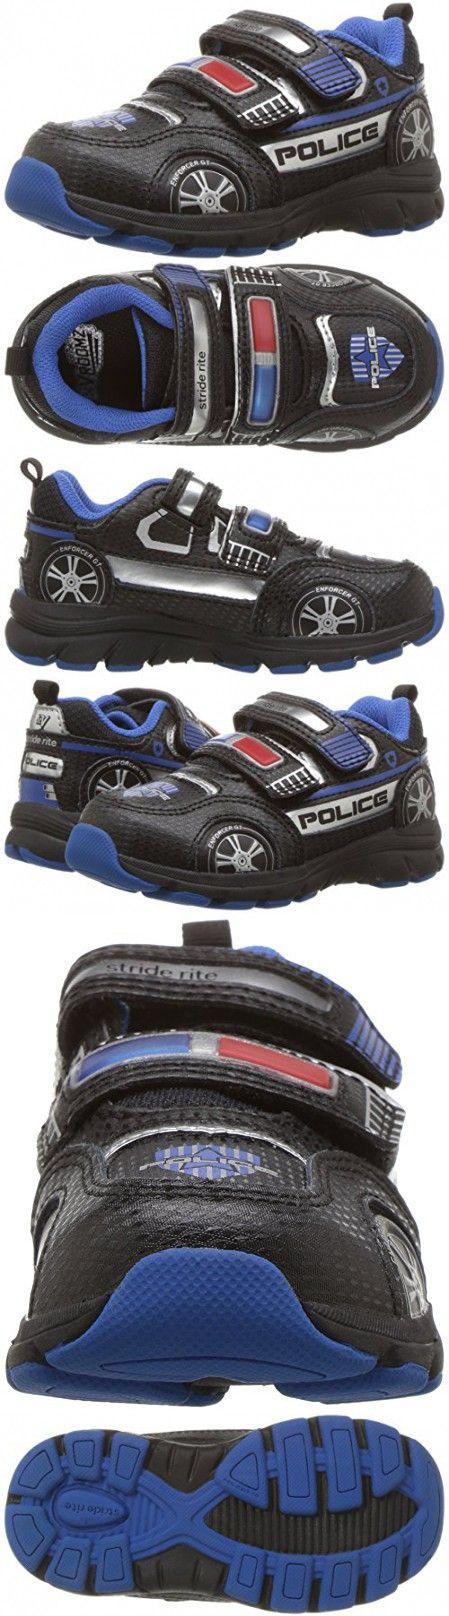 Stride Rite Boys' Vroomz Police Car Sneaker, Black/Silver, 9.5 M US Toddler